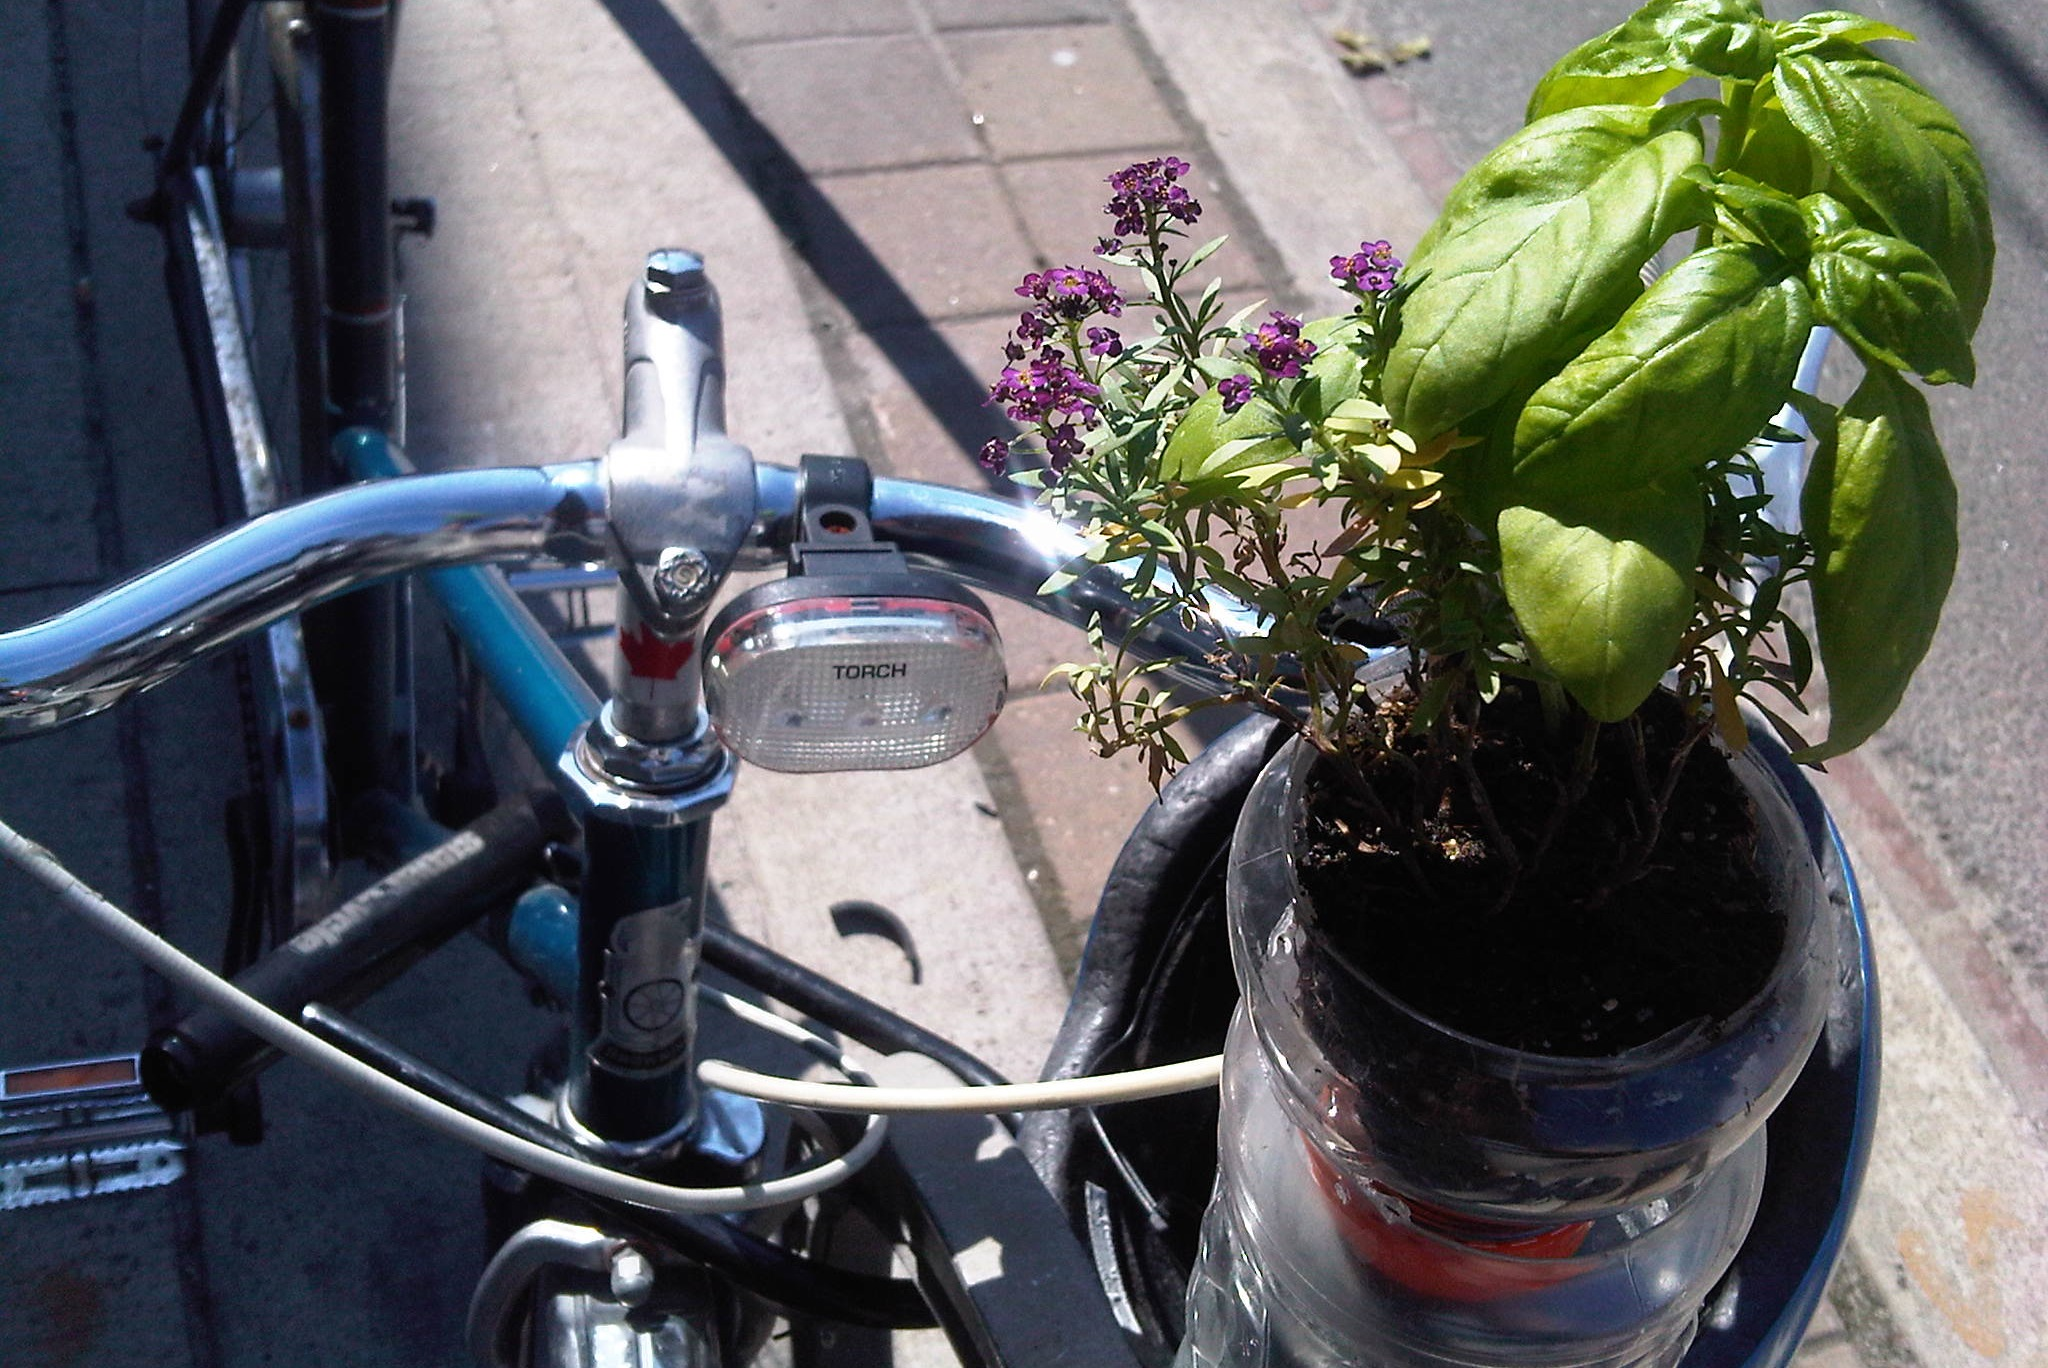 Bike-and-flower